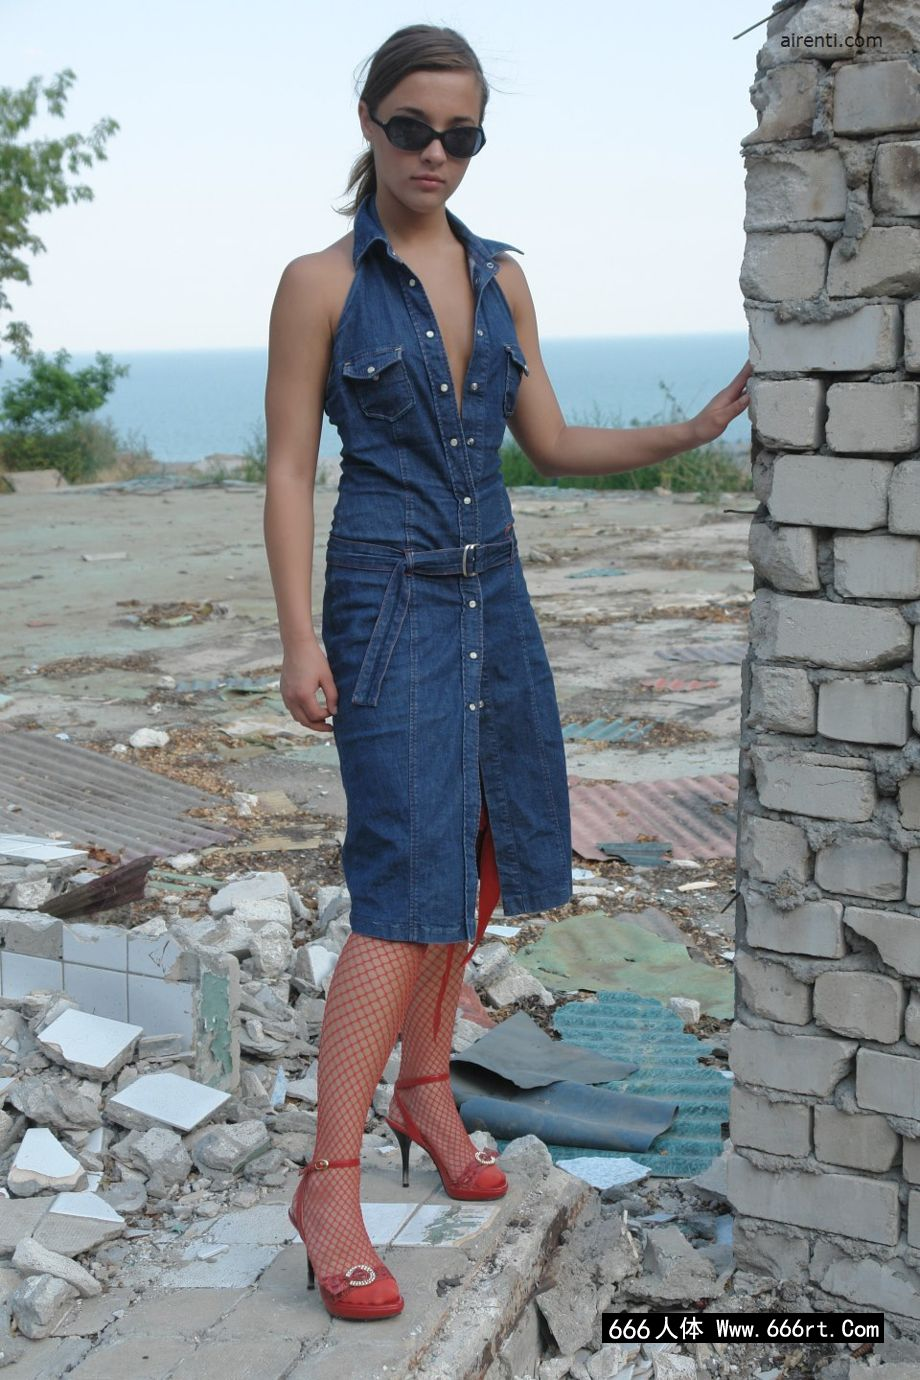 欧洲超模玛吉身穿渔网装外拍人体艺术